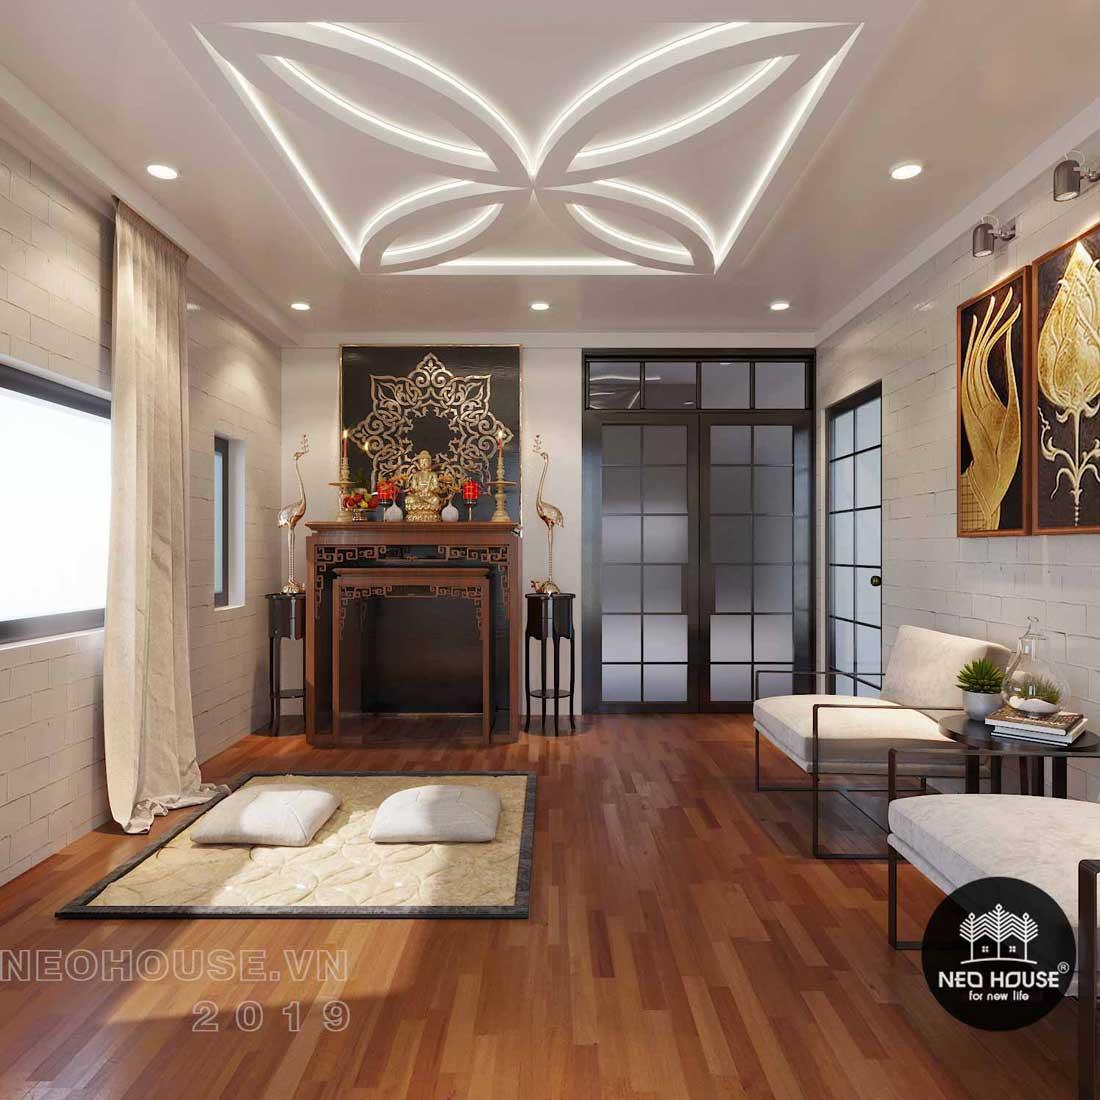 Thiết kế nội thất phòng thờ biệt thự phố 3 tầng